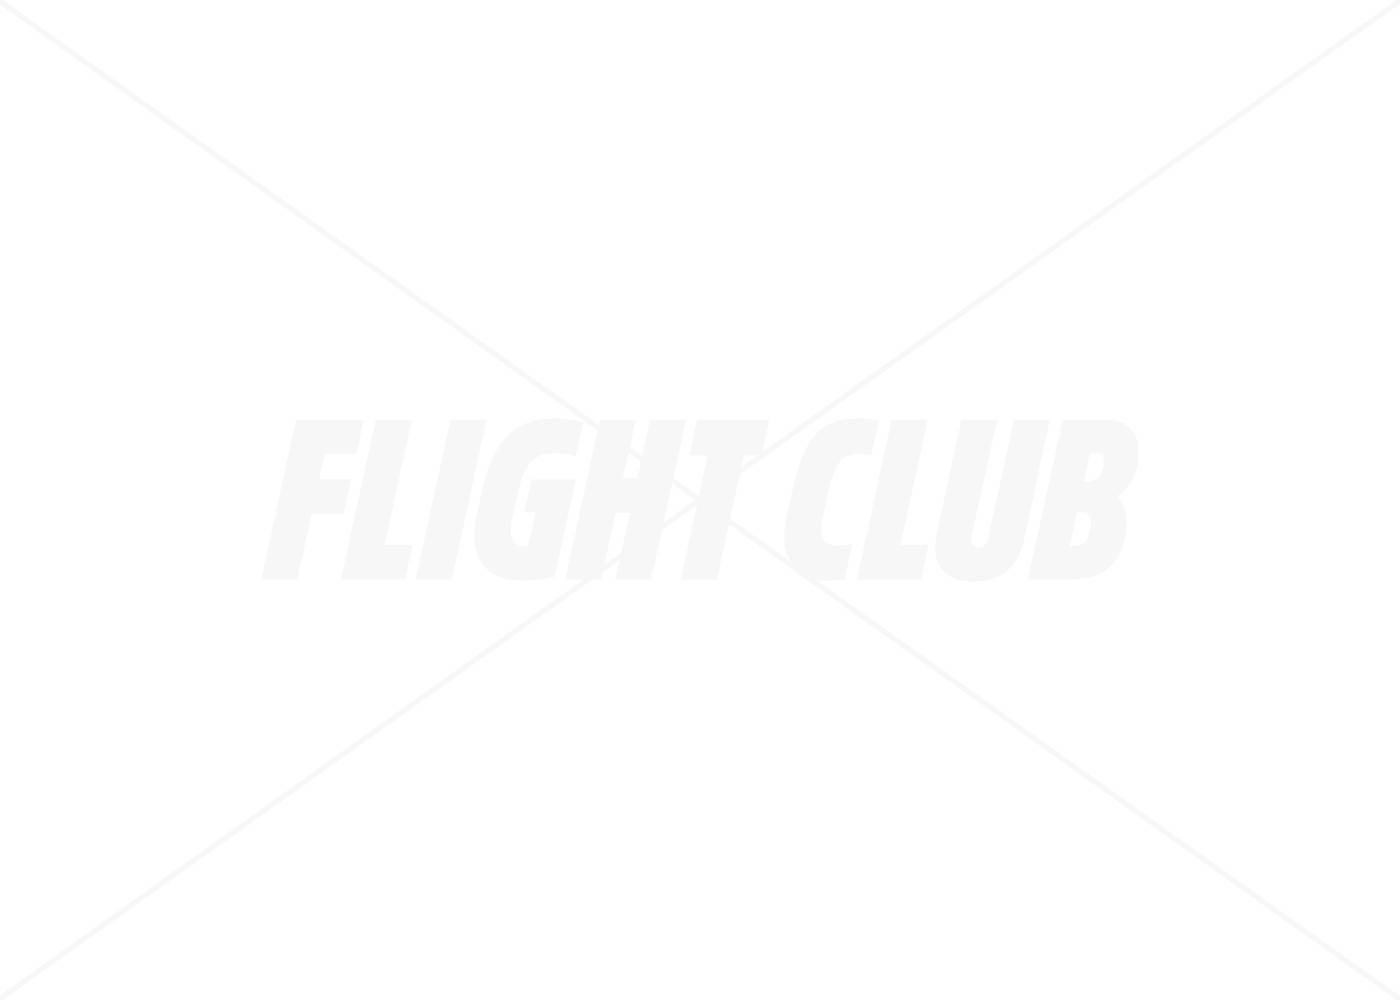 ba3b3fa0c6f7 Air Jordan 1 Ret HI Flyknit Bg - Air Jordan - 919702 006 - royal ...